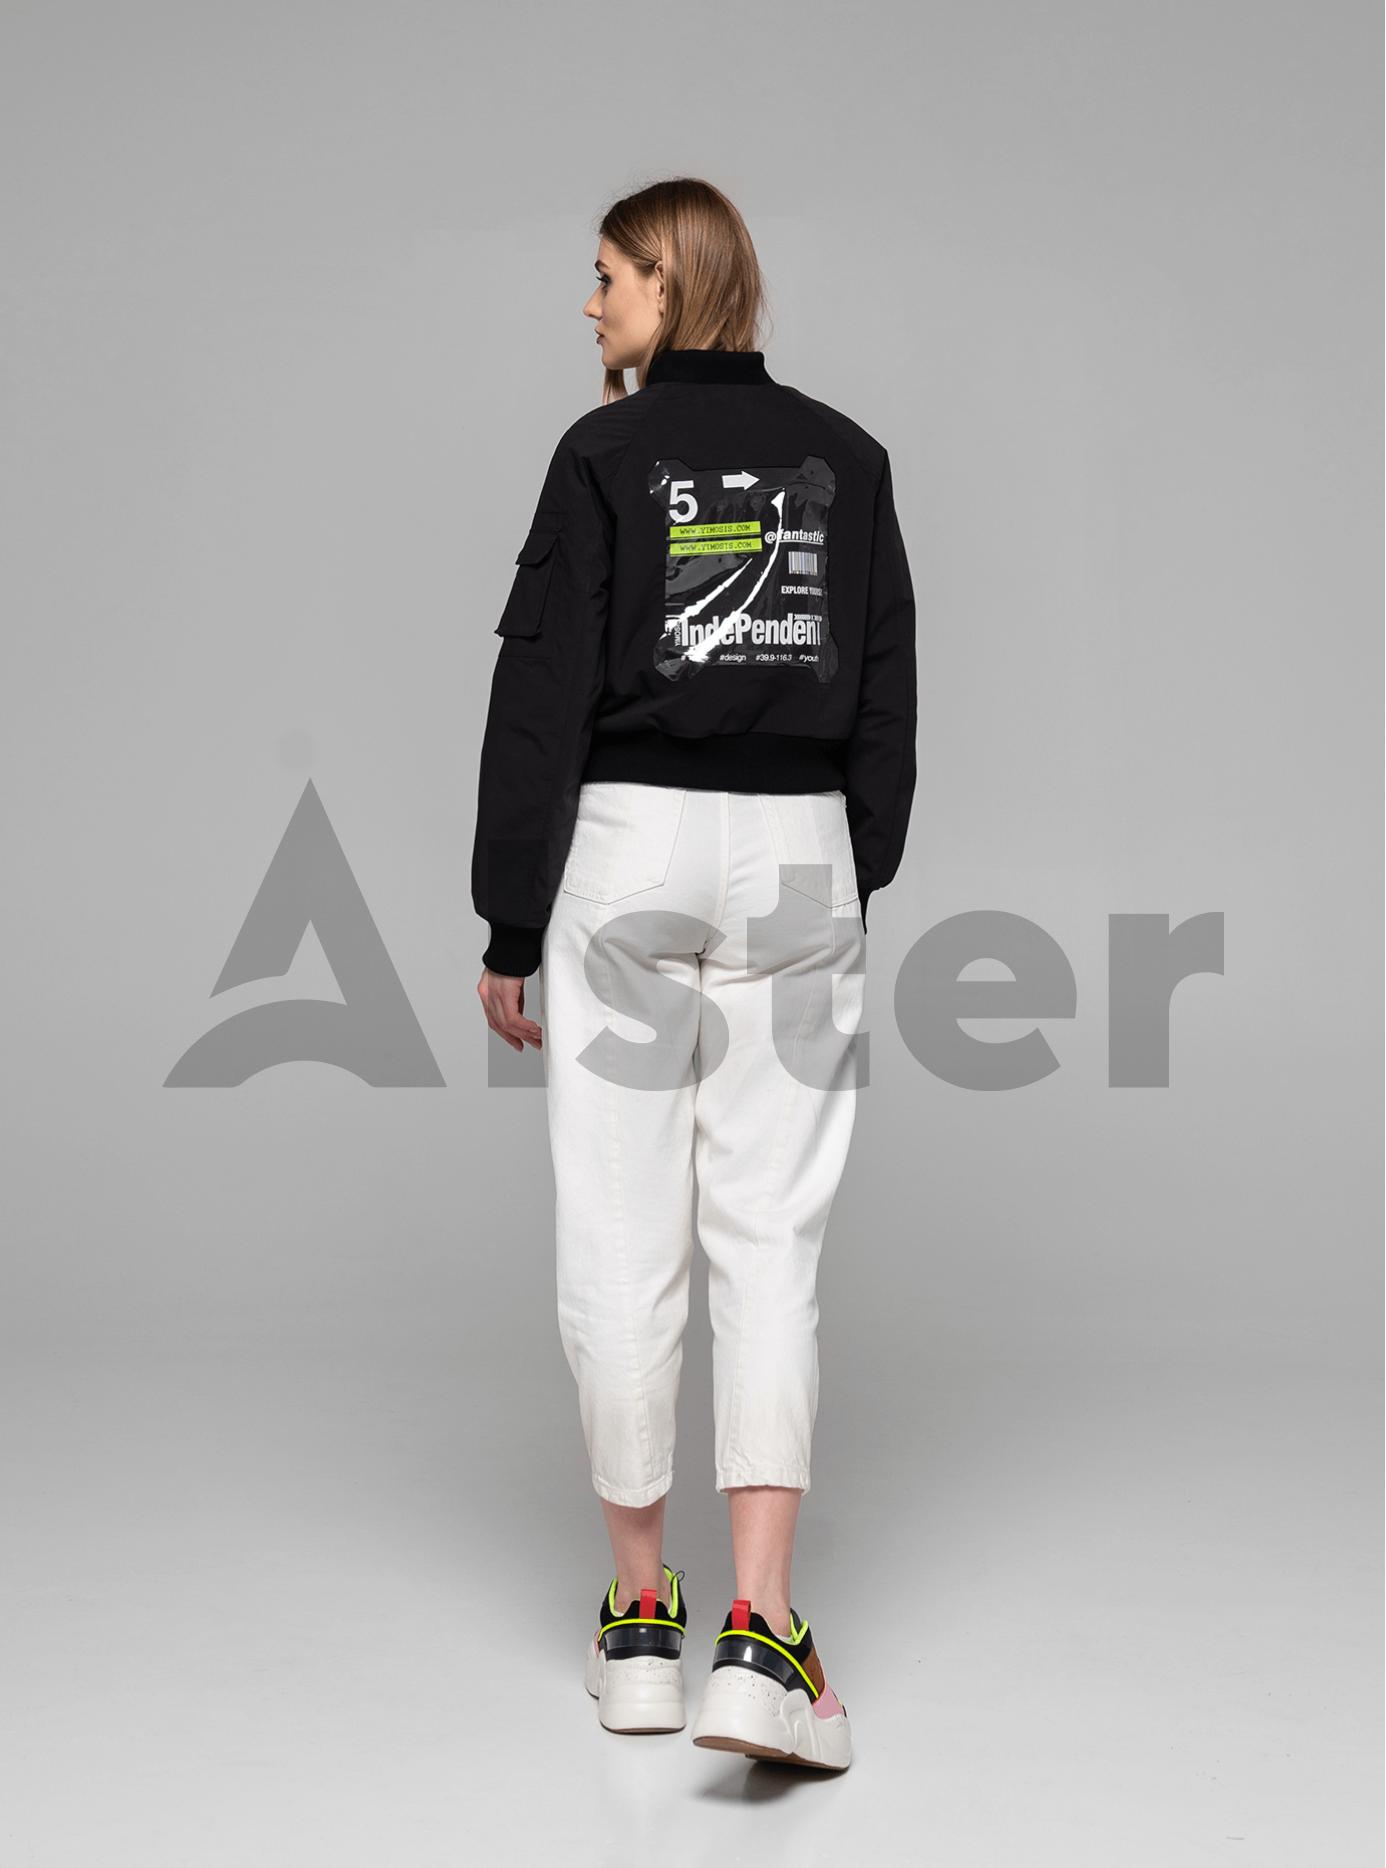 Куртка демисезонная с манжетами Чёрный L (02-Y191079): фото - Alster.ua